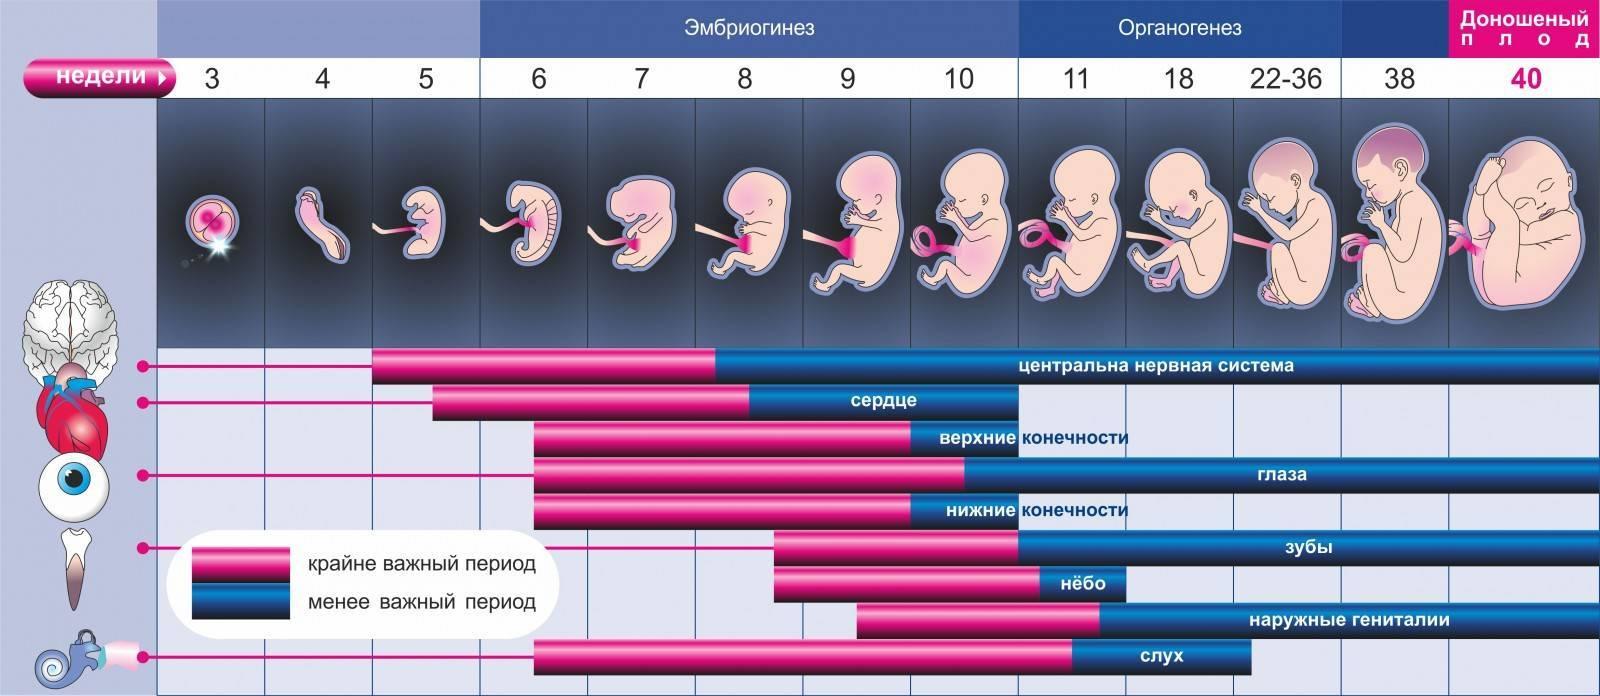 Когда узи покажет пол ребенка: сроки и определение